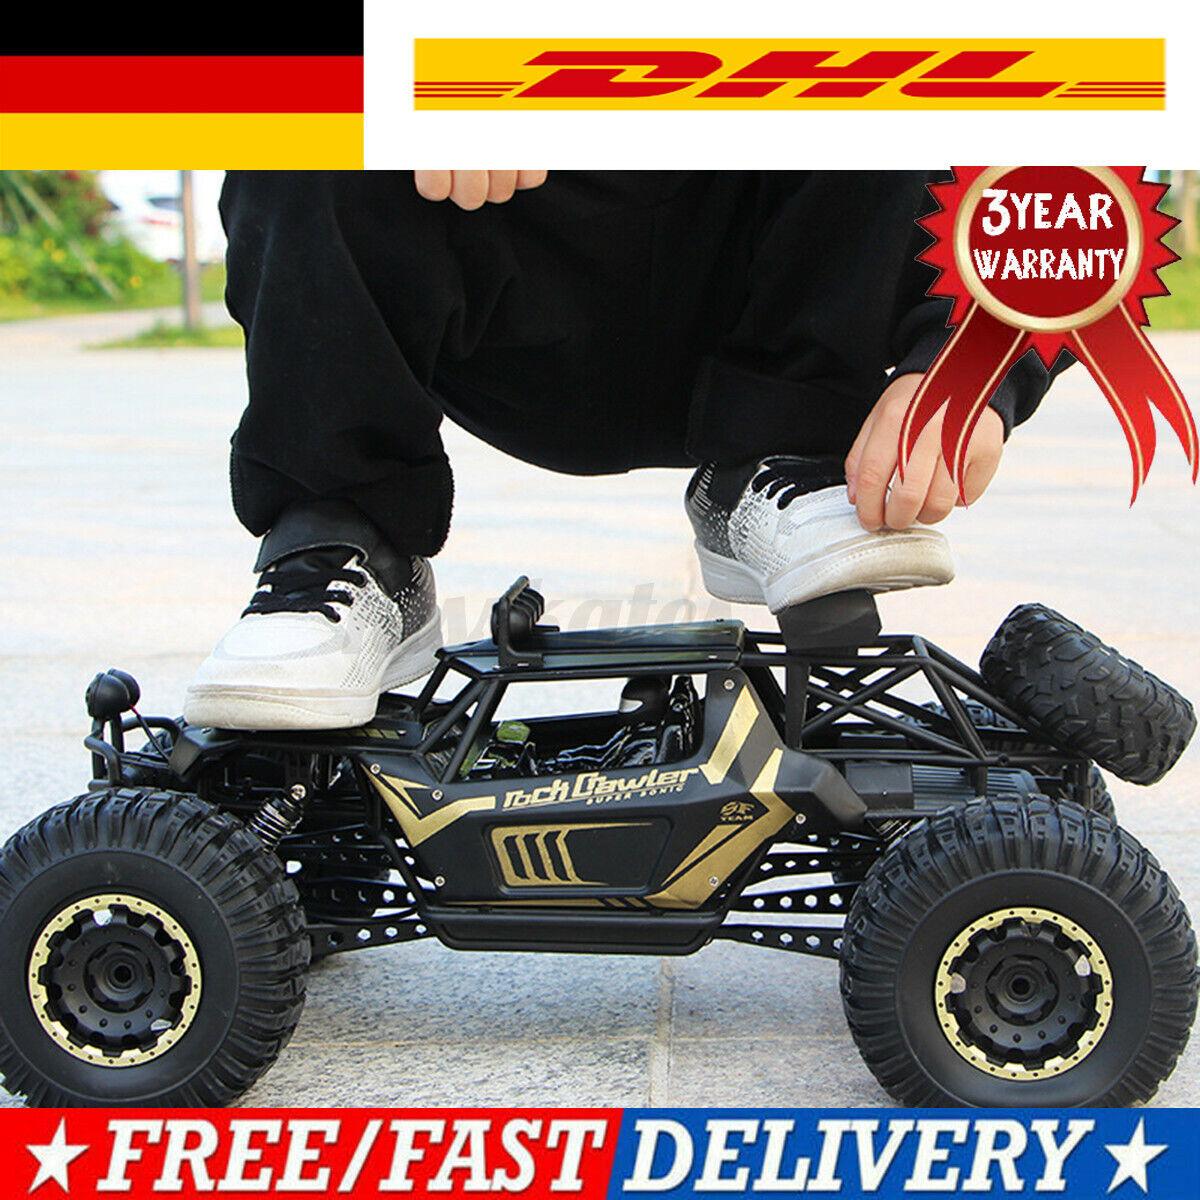 Metall 1:8 RC Auto Monster Truck erngesteuertes 4WD Geländewagen Stoßdämpfer